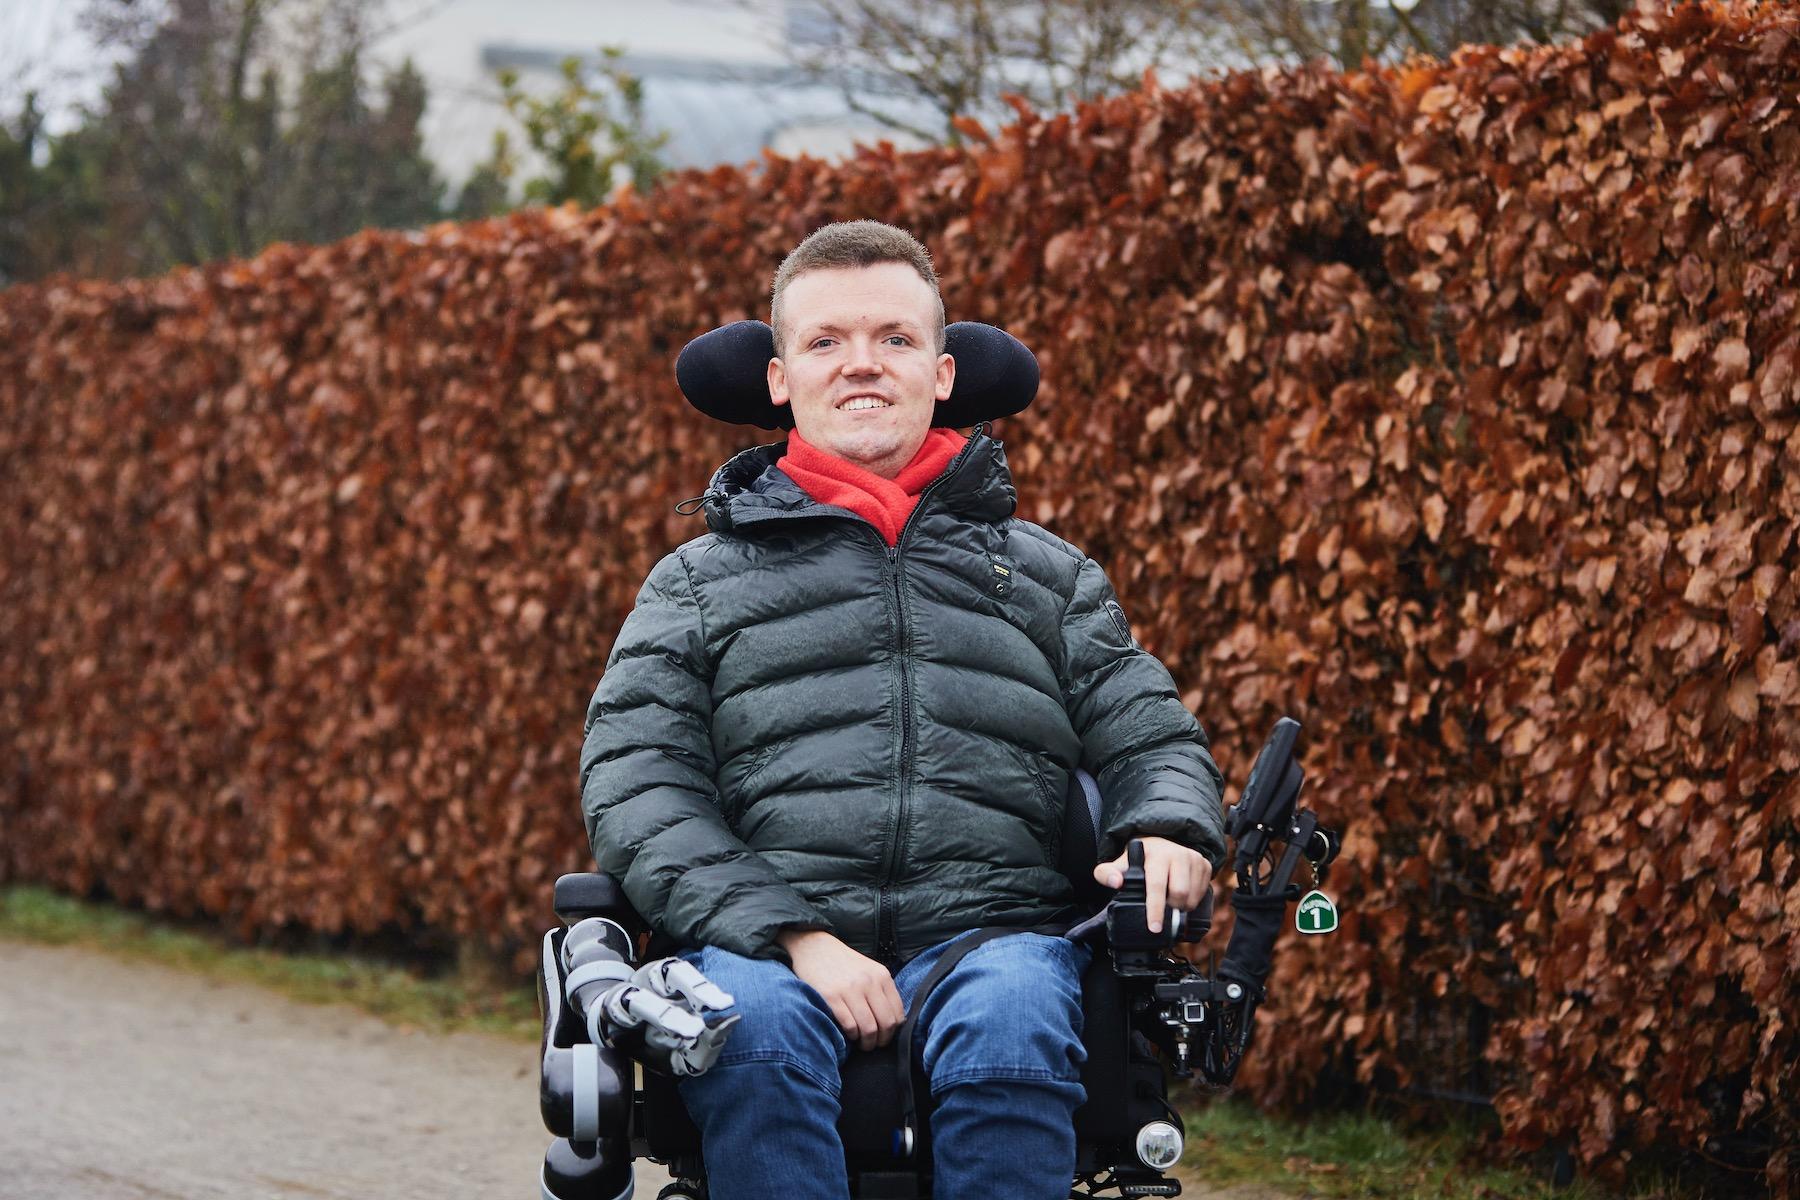 Christian Homburg initiierte eine Petition zum Impfschutz schwerbehinderter Menschen.